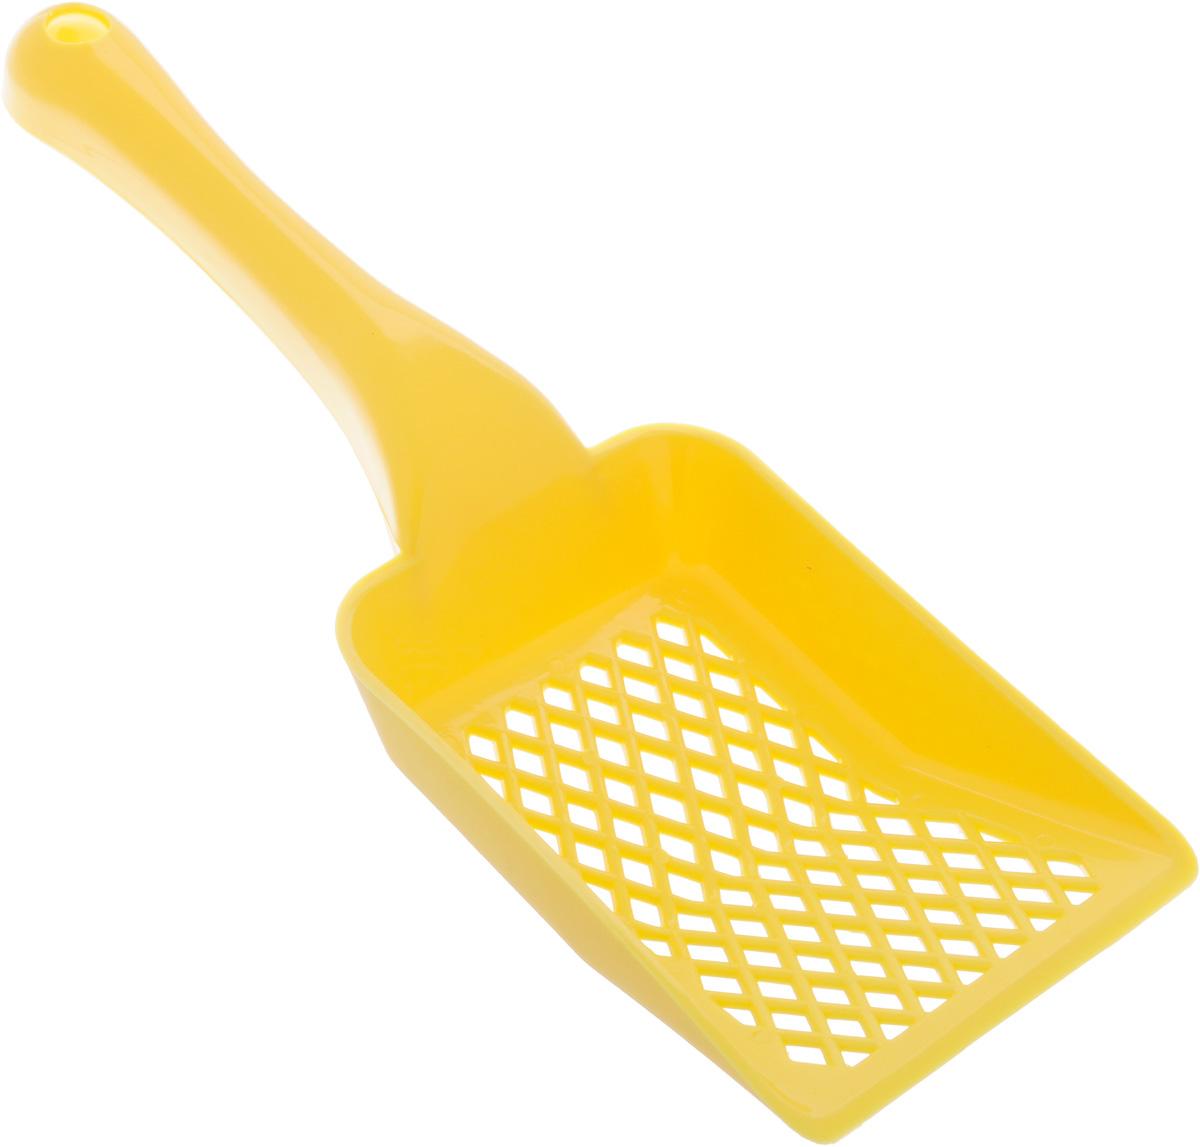 Совок для кошачьего туалета Каскад, цвет: желтый, длина 27 см46304050_желтыйСовок для кошачьего туалета Каскад изготовлен из цветного пластика. Рабочая поверхность совка со специальными отверстиями позволяет эффективно просеивать наполнитель и удалять образовавшиеся комки. На ручке совка есть отверстие для подвешивания на стену. С помощью этого совка вы сможете быстро и качественно убрать кошачий туалет.Длина совка: 27 см.Размер рабочей поверхности: 9 х 13 х 2,5 см.